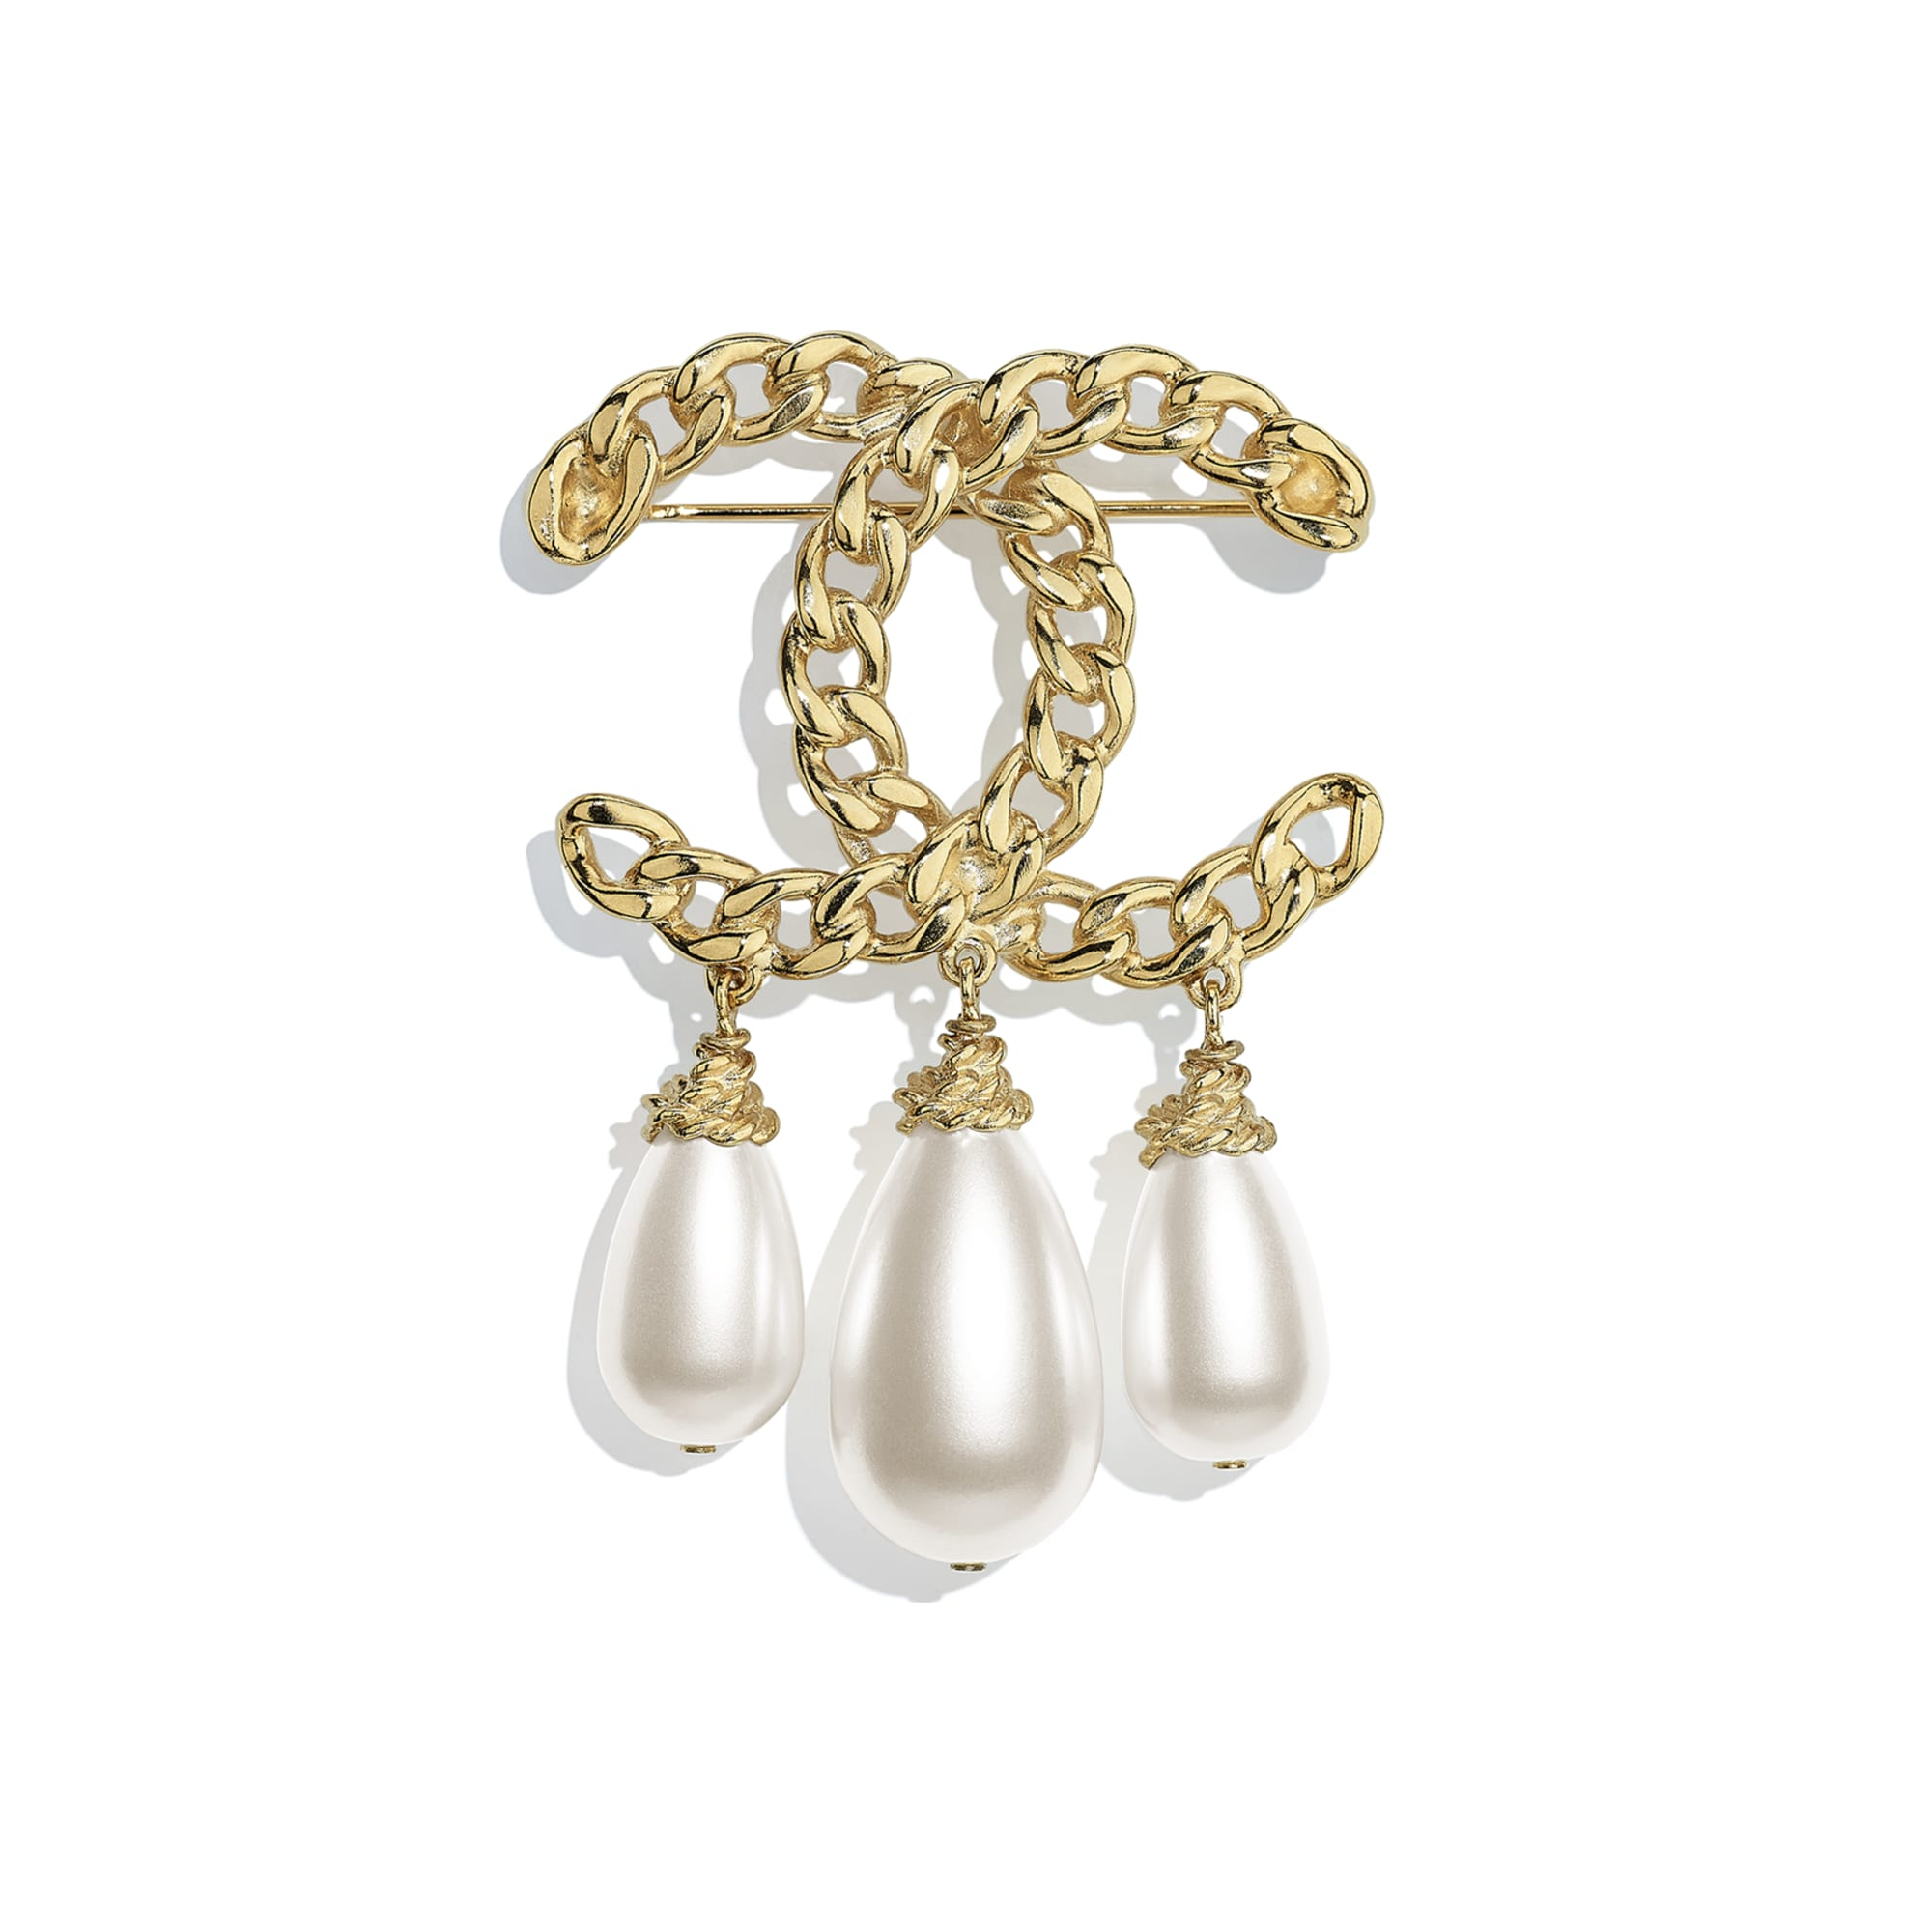 Spilla - Oro & bianco perlato - Metallo & perle fantasia - CHANEL - Immagine predefinita - vedere versione standard